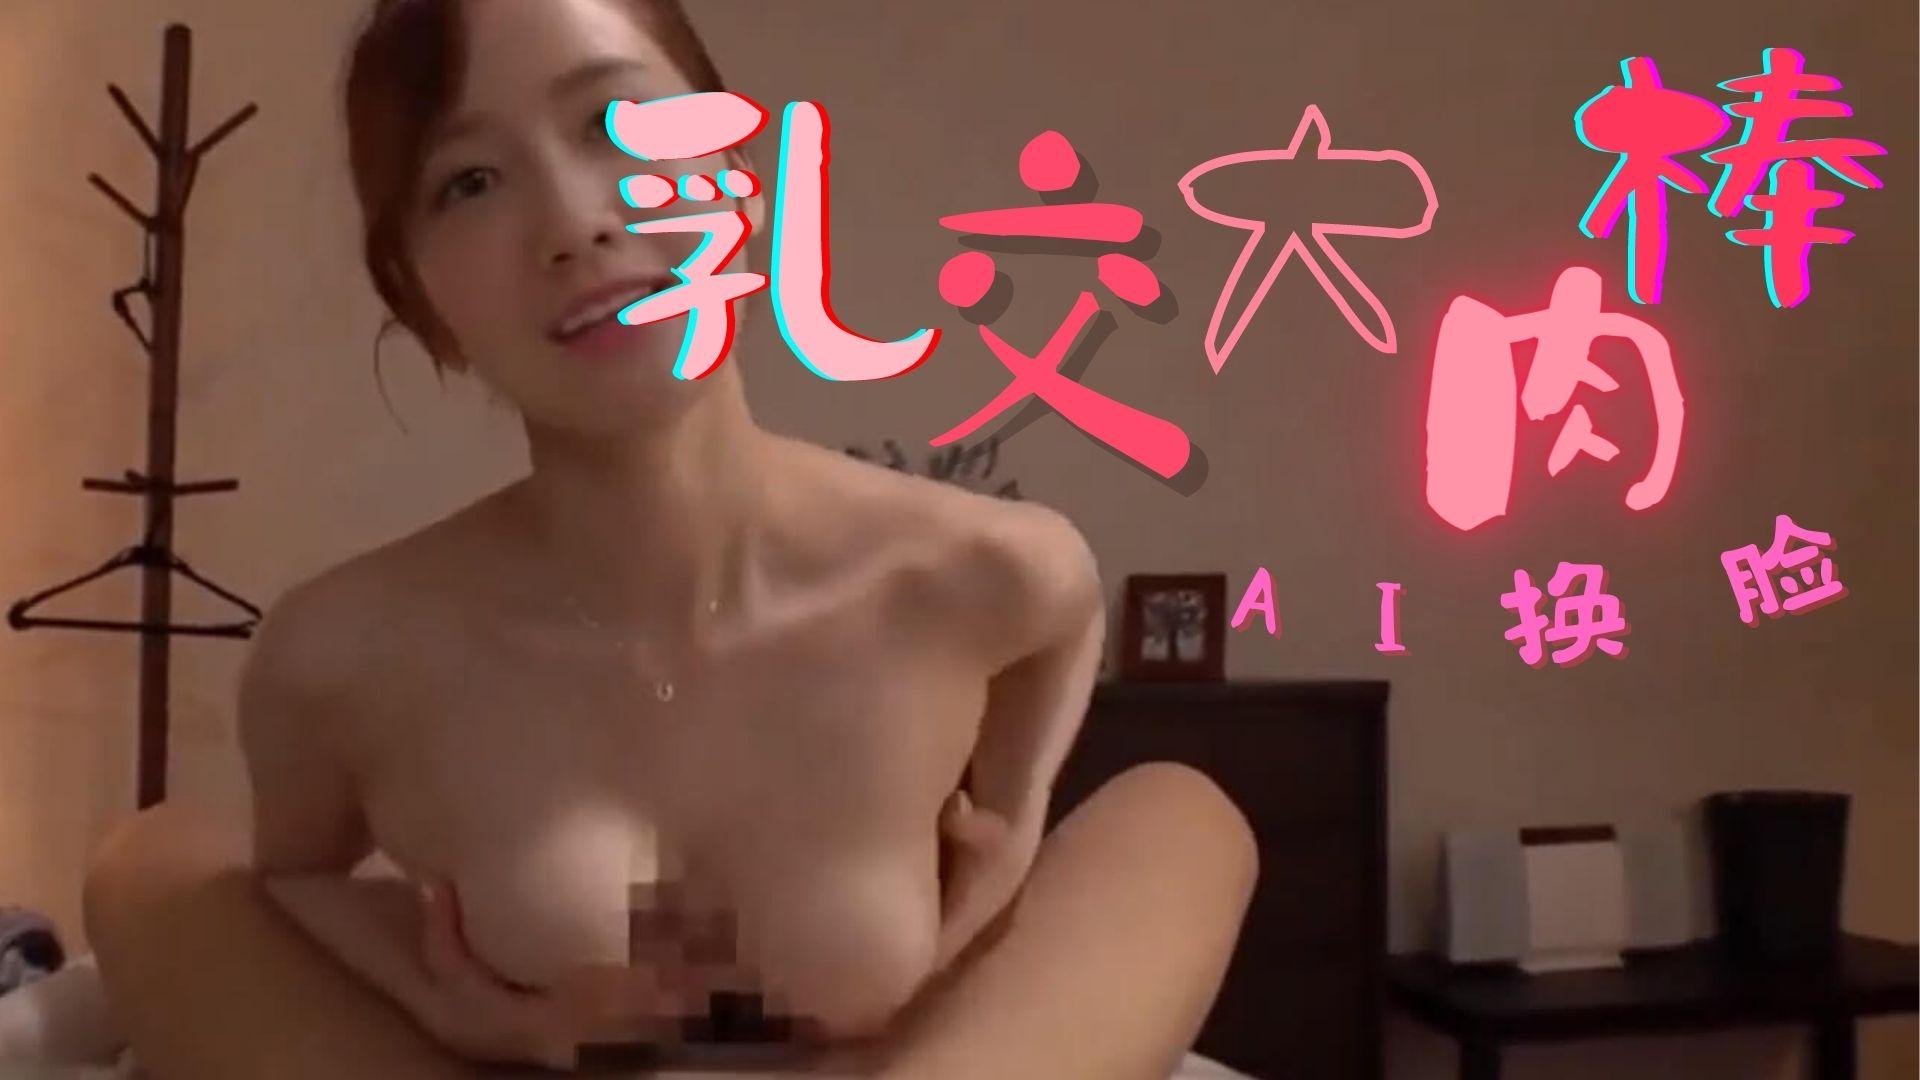 Al—林潤娥 圆润奶夹肉棒